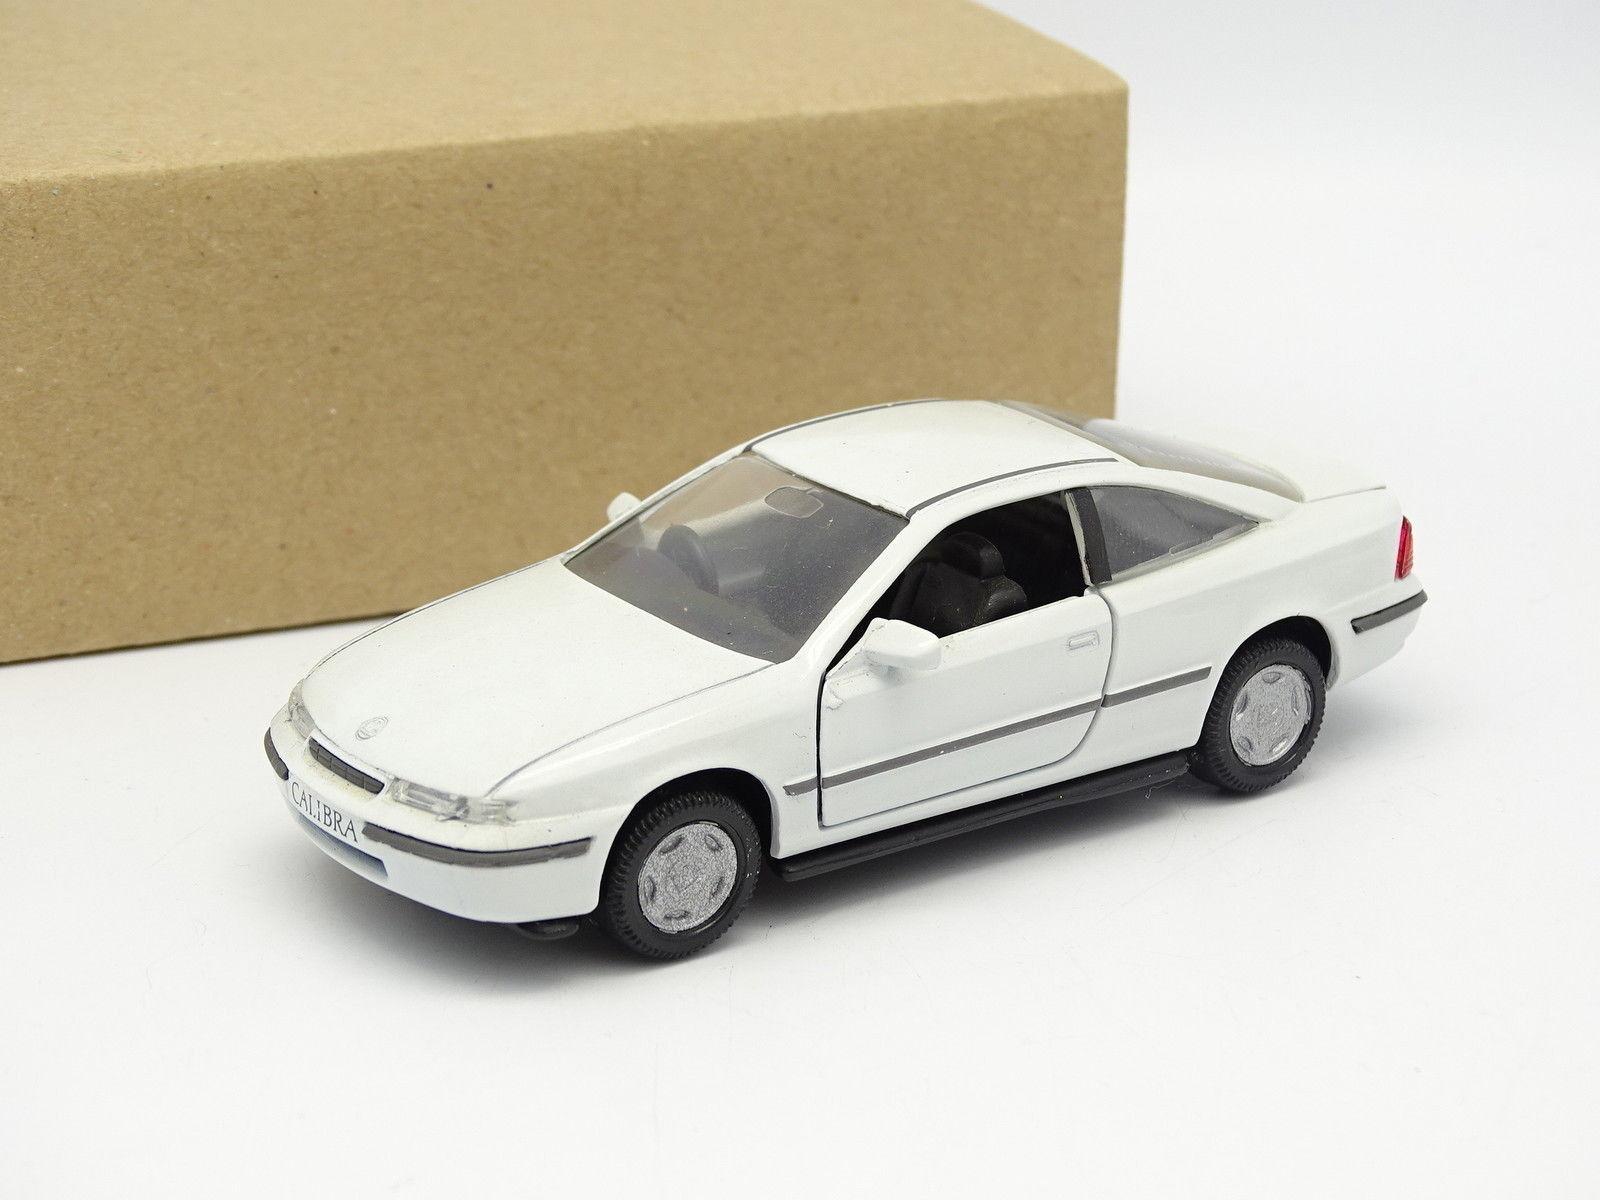 Gama SB 1 43 - Vauxhall Calibra white